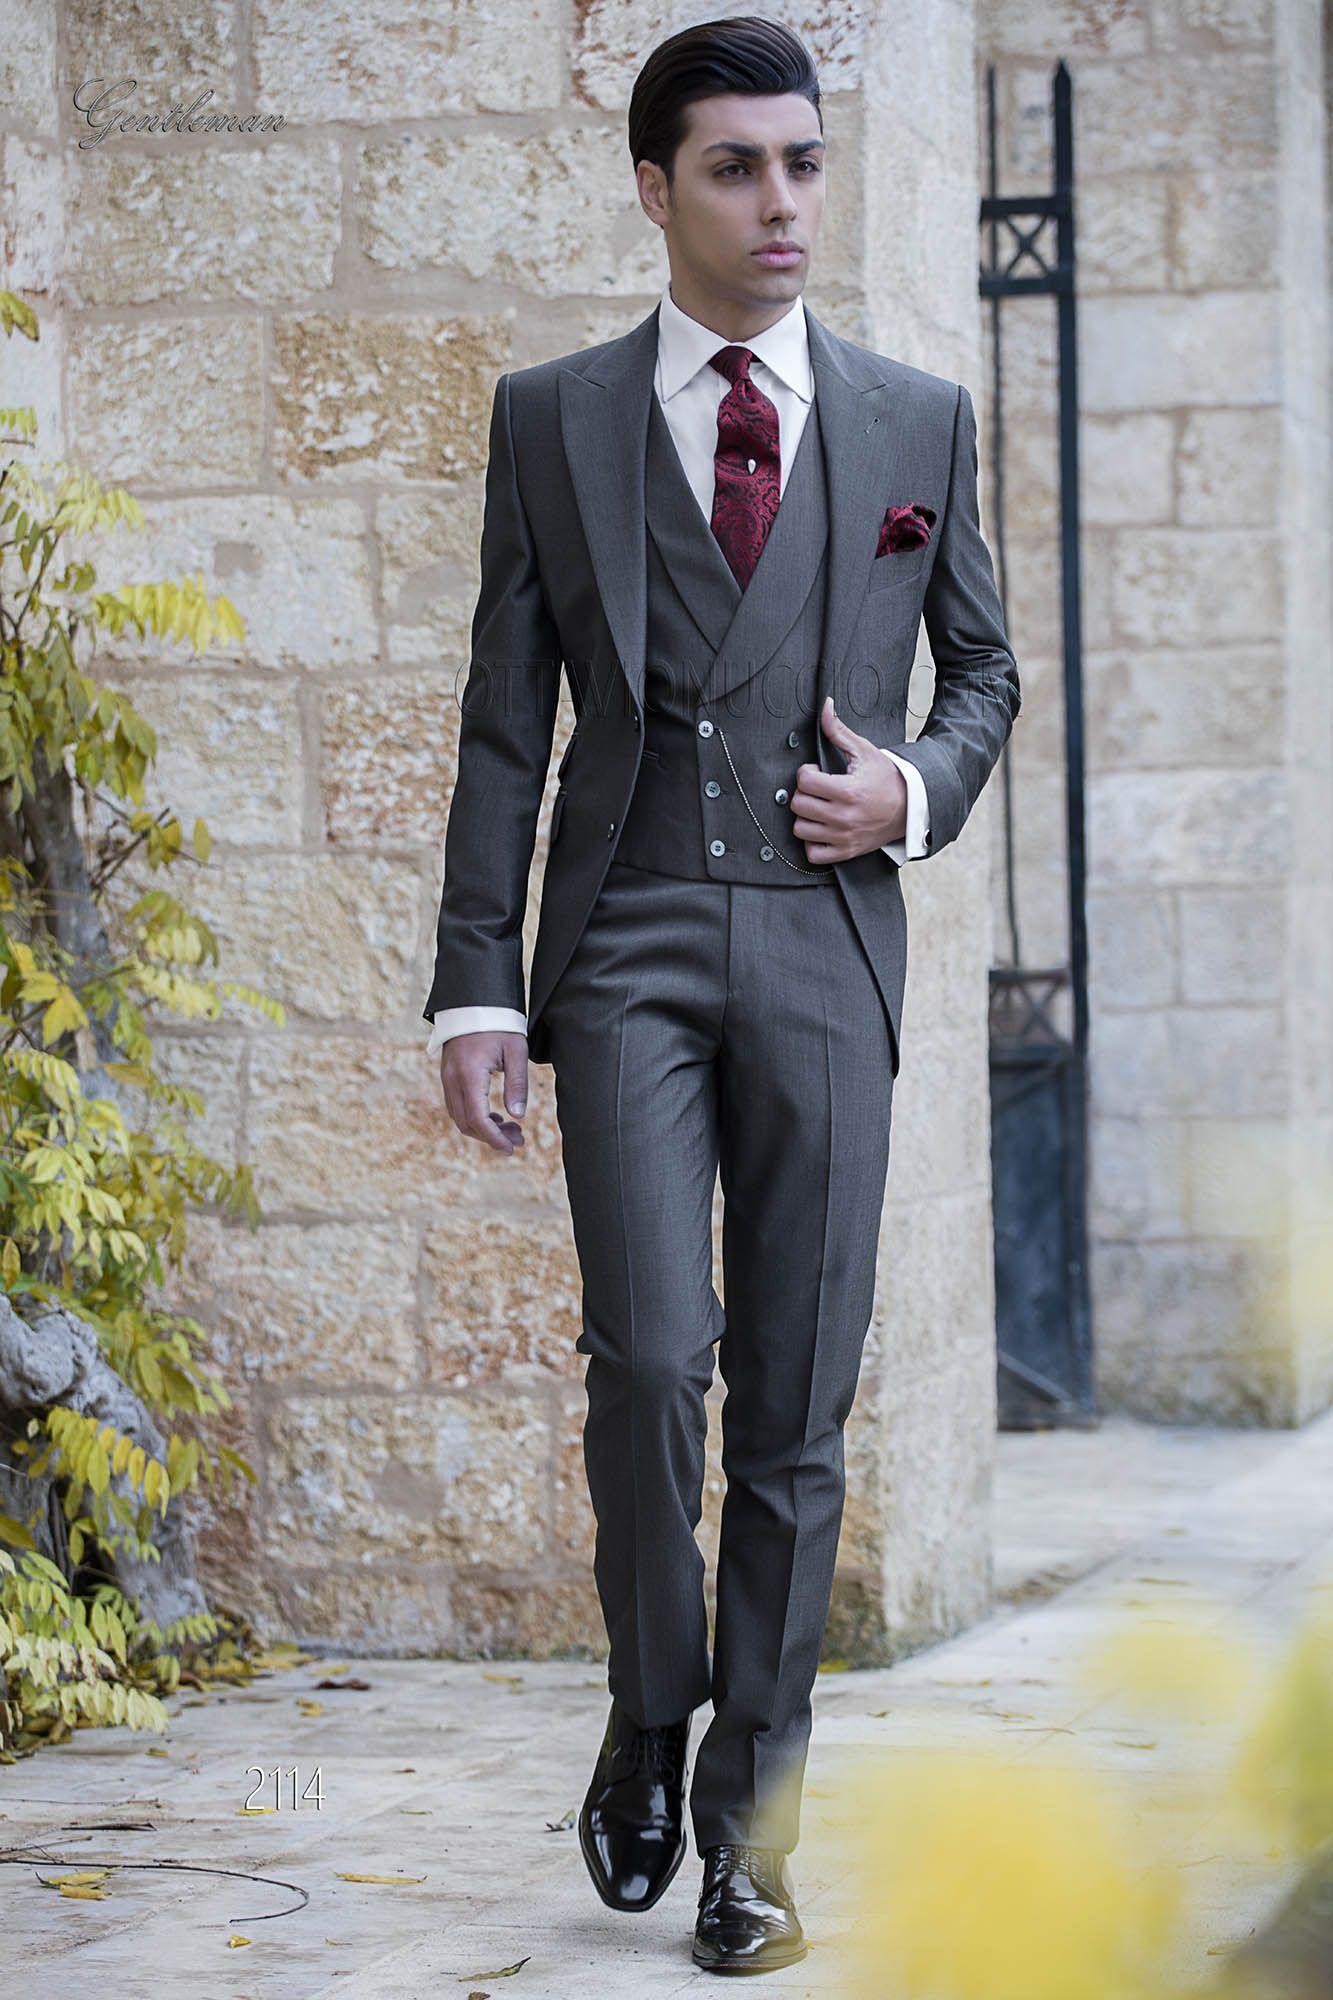 Vestiti Eleganti Uomo Grigio.Pin Su The Stylish Gentleman